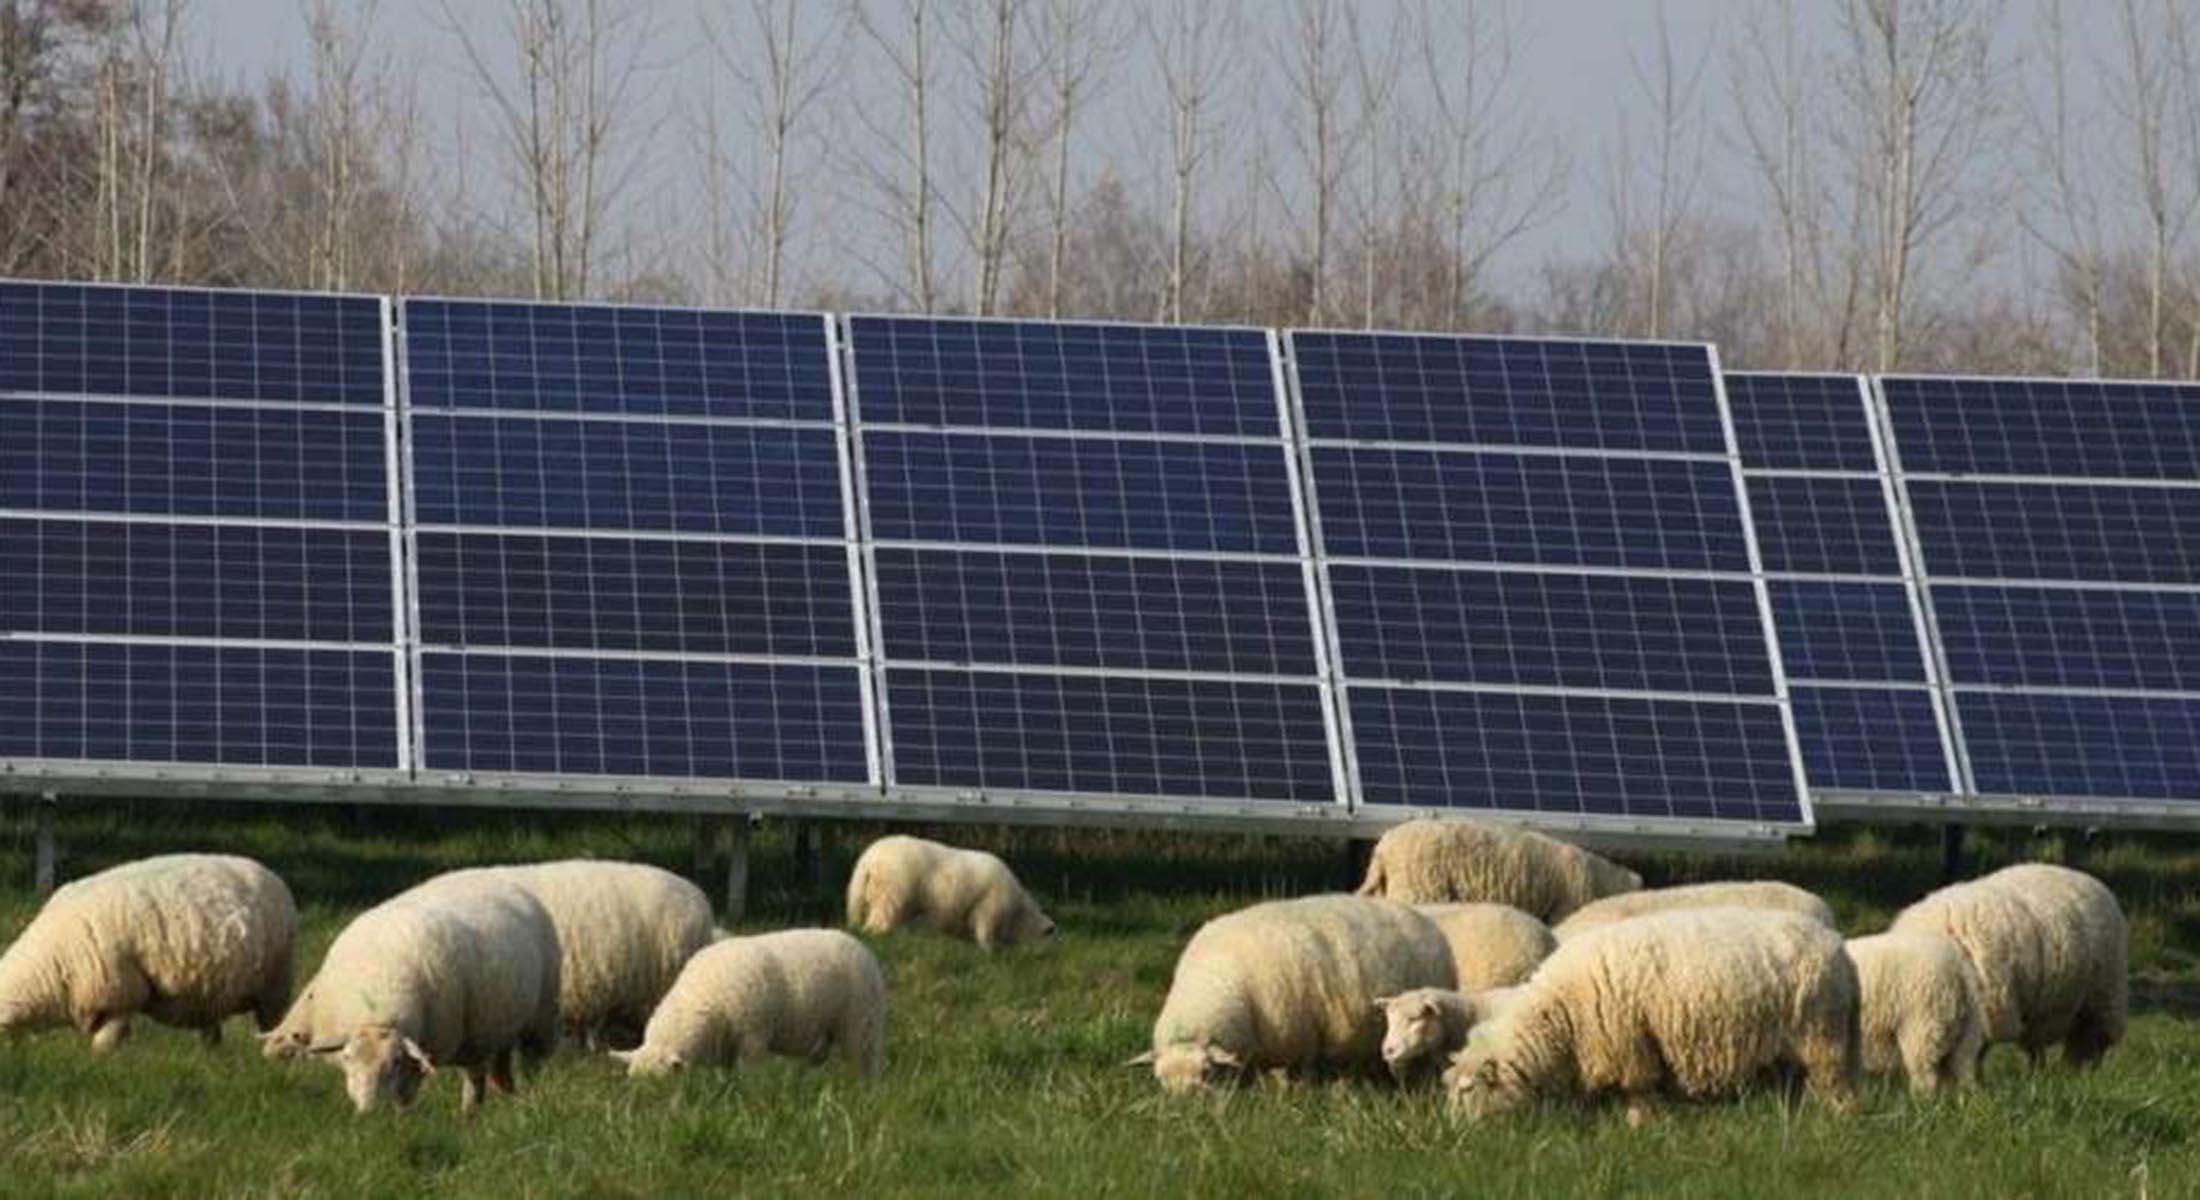 Des moutons à la Ferme solaire 113c813642f0